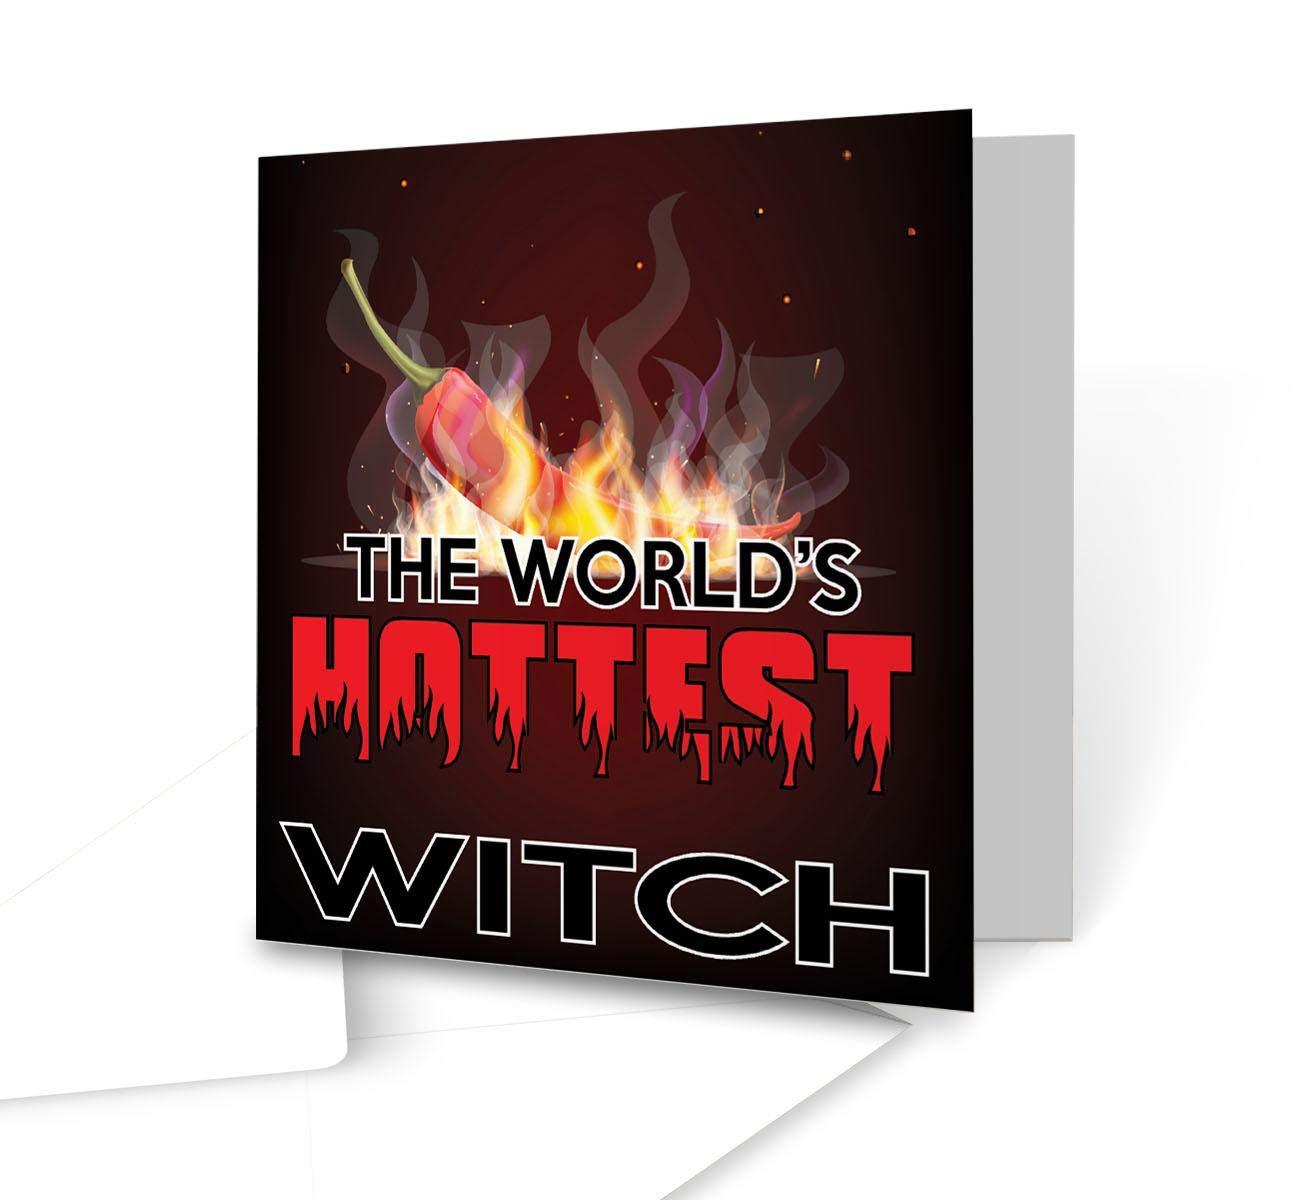 El mundo más calientes de bruja - cuadrado tarjeta de ...